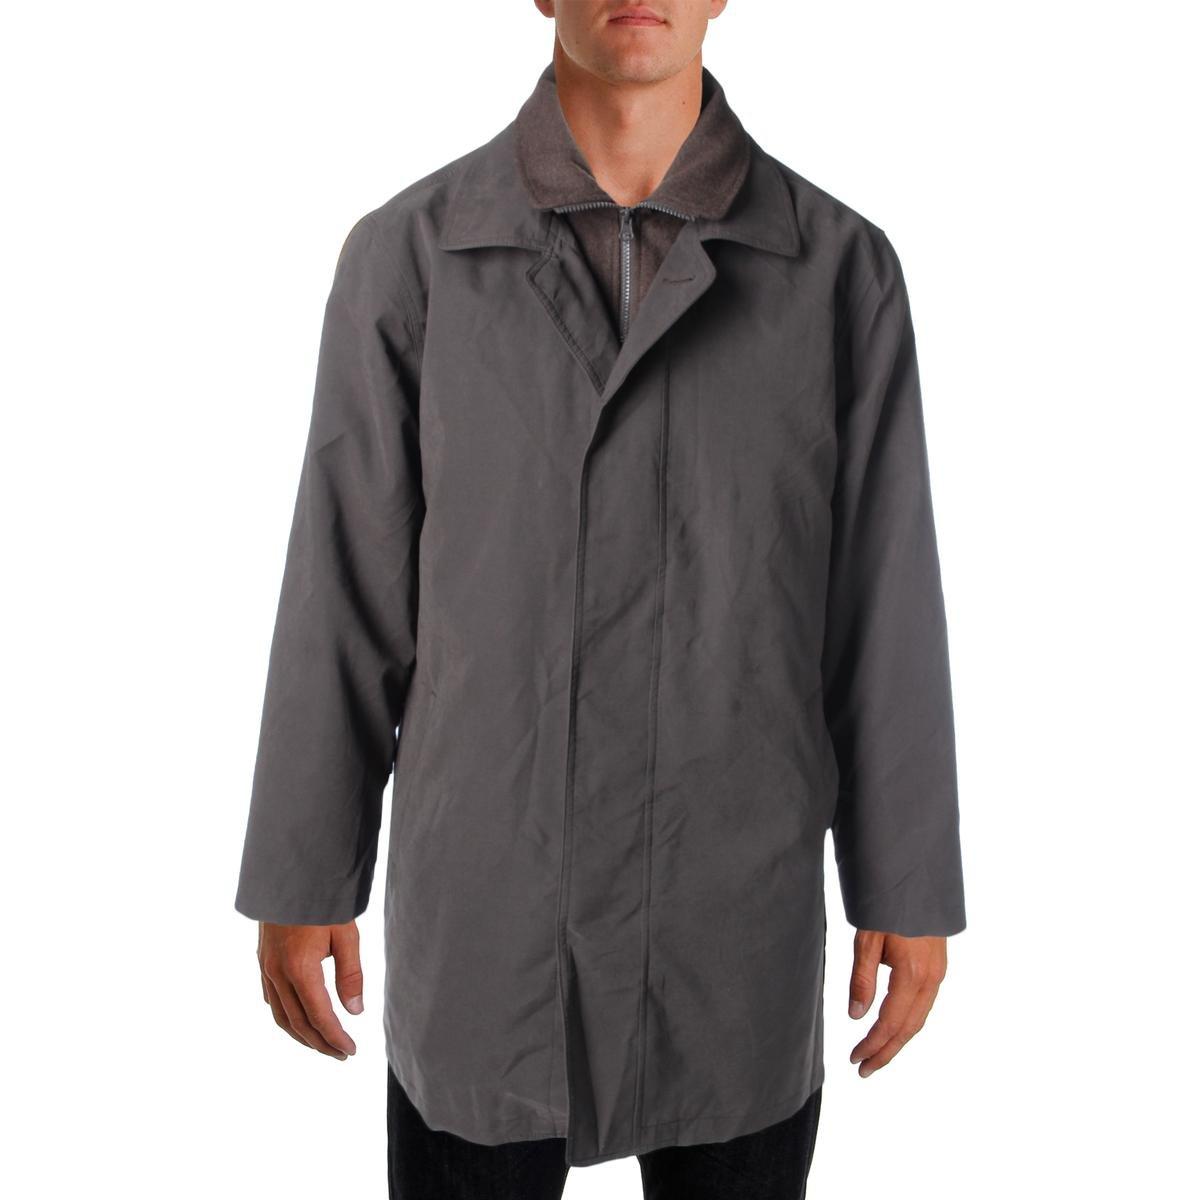 Lauren Ralph Lauren Mens Edgar Water Repellent Lined Raincoat Brown 40L by Lauren by Ralph Lauren